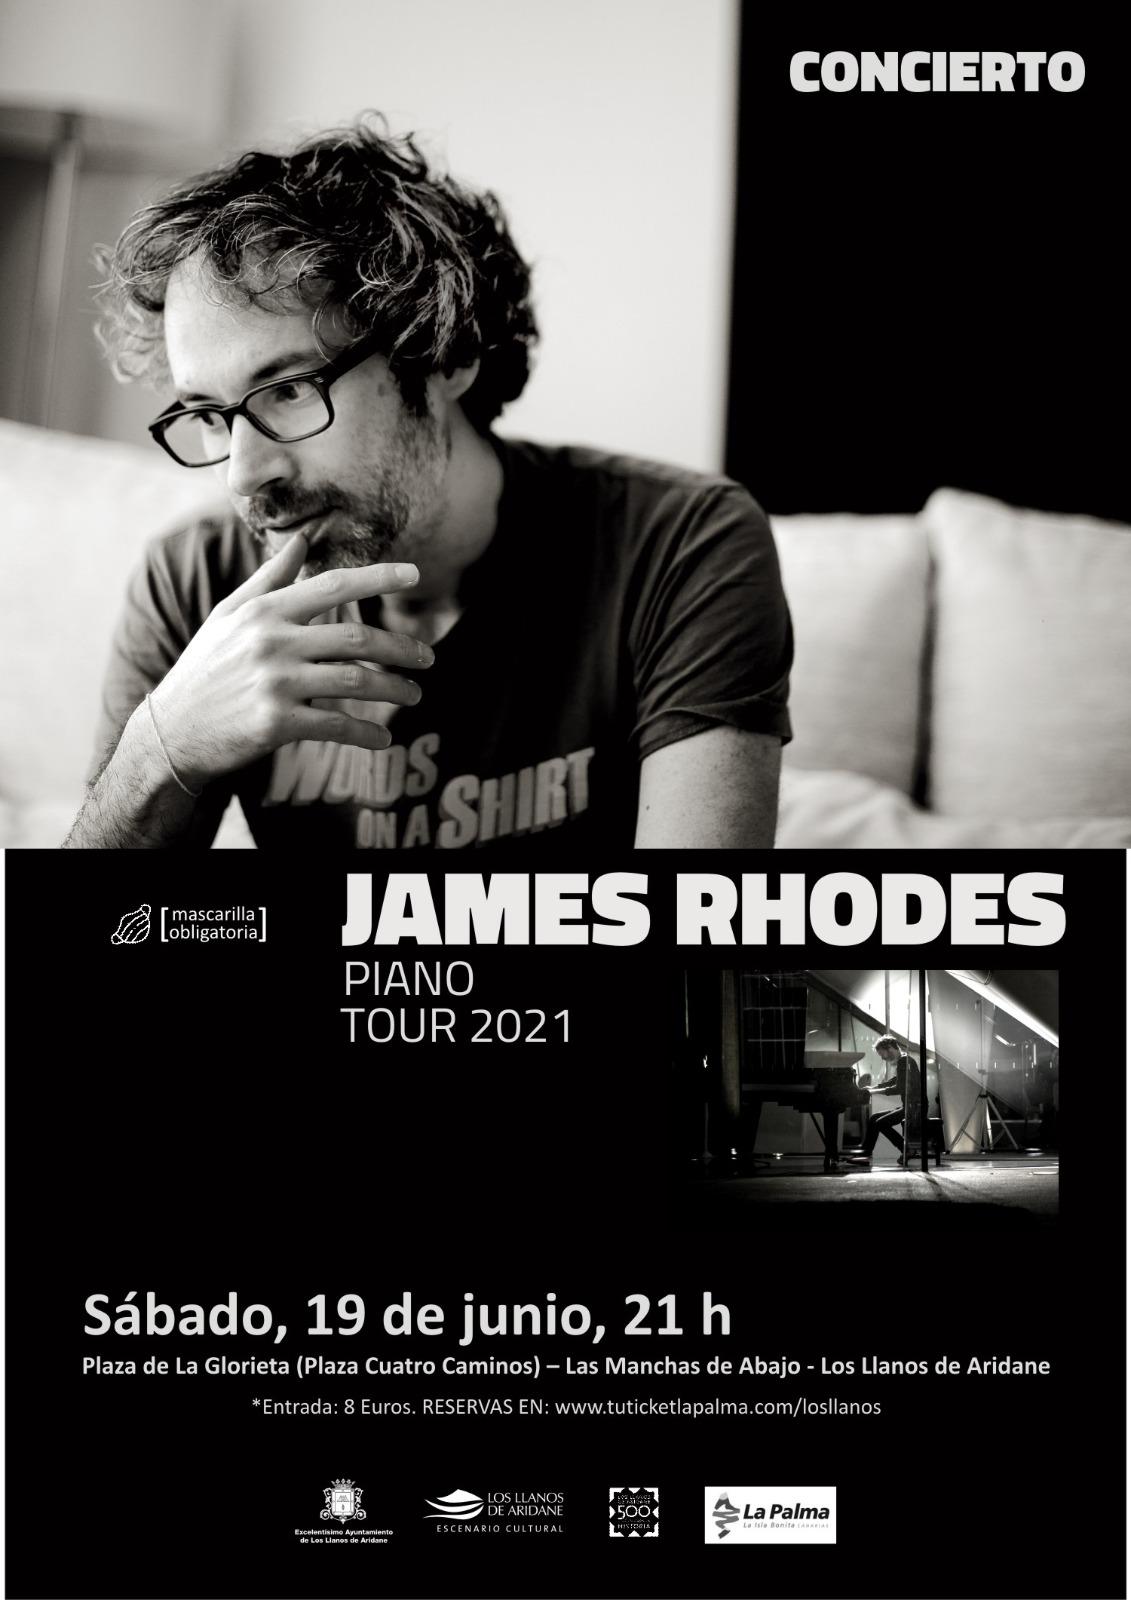 James Rhodes Las Manchas (1)